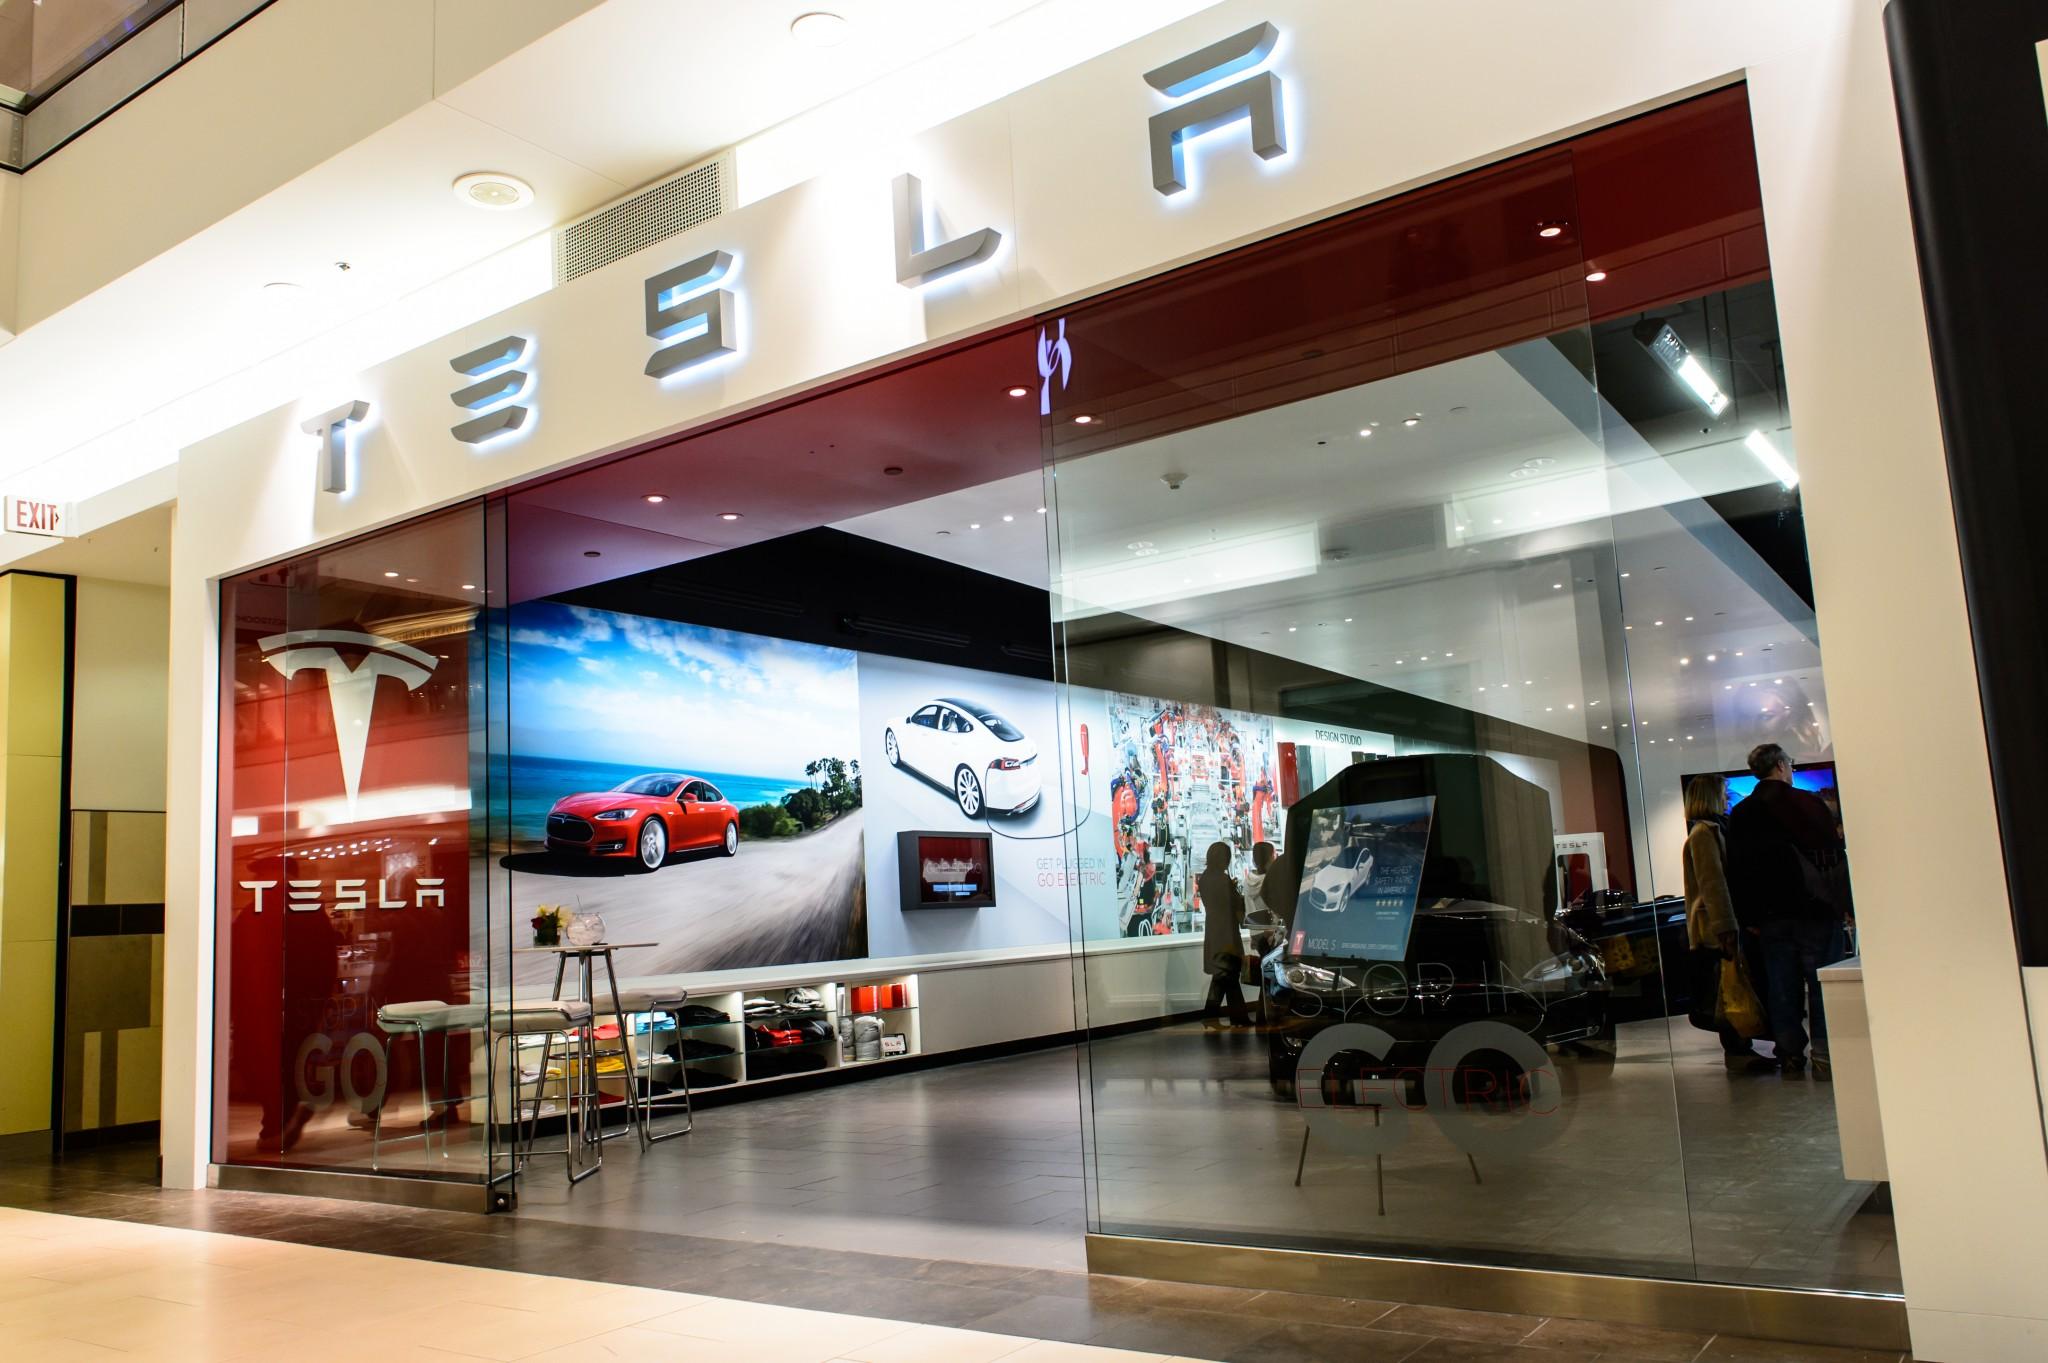 Tesla Licensing Restrictions